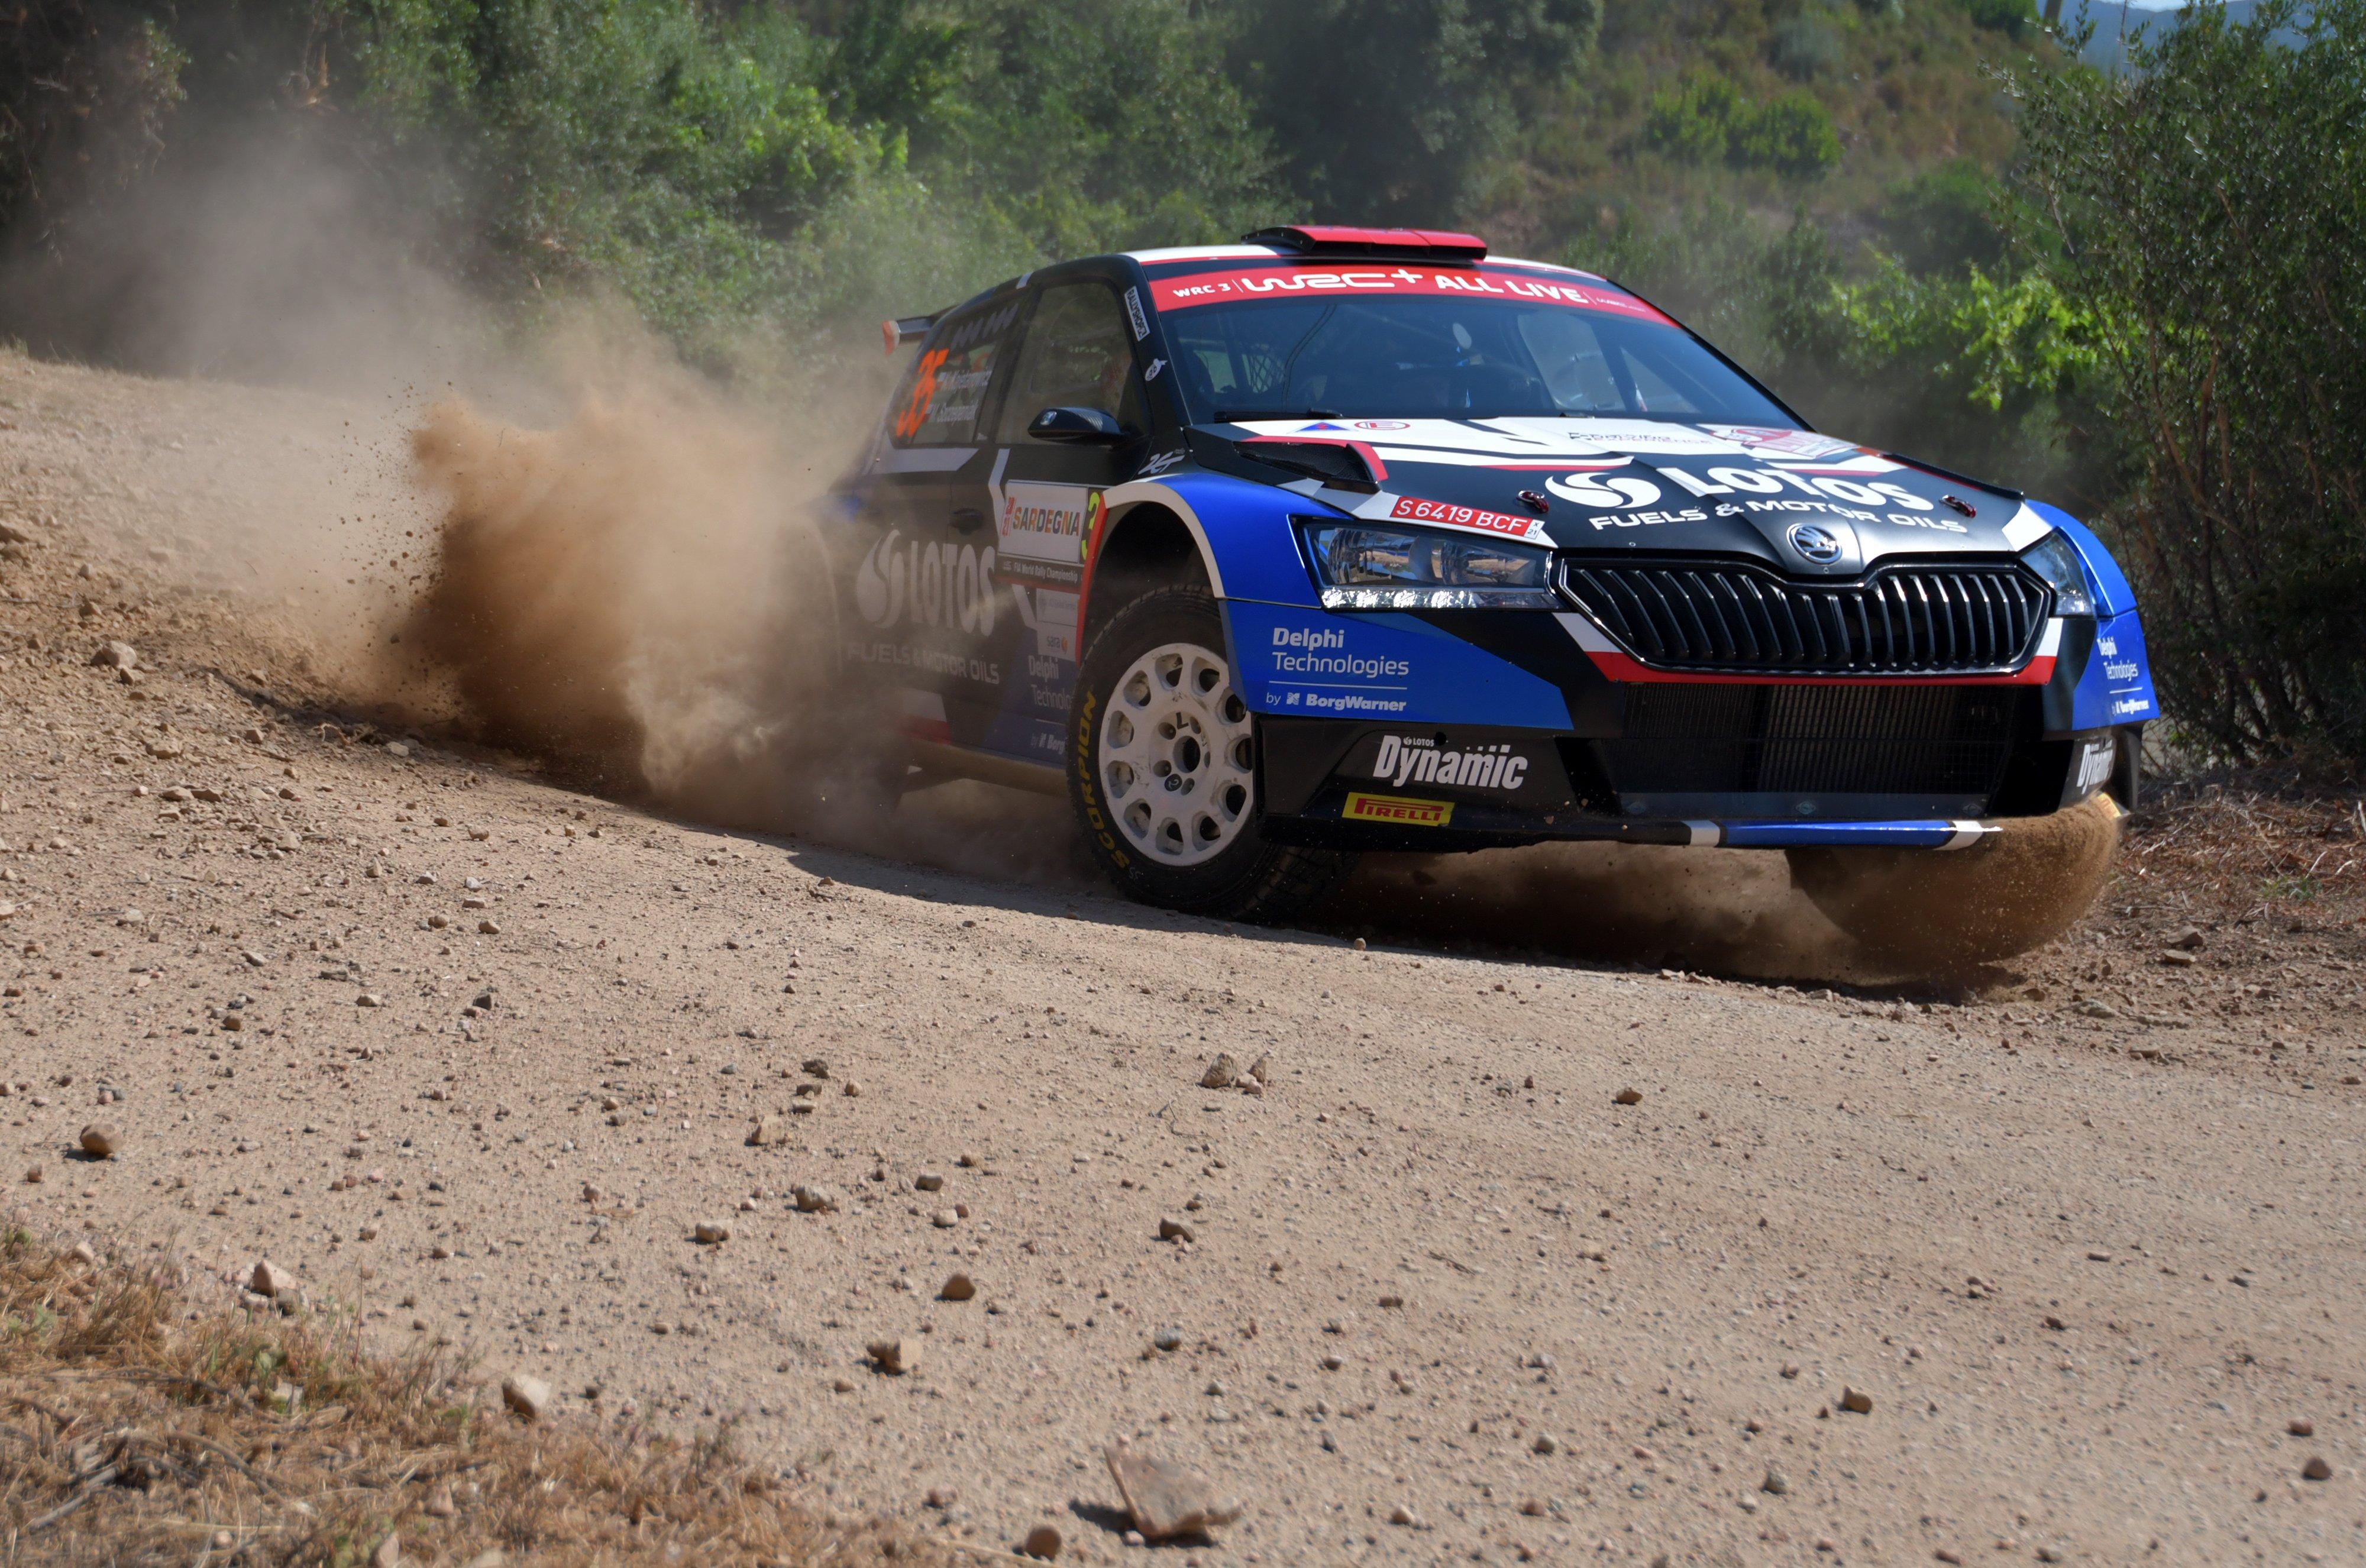 WRC: Rally d'Italia - Sardegna [3-6 Junio] - Página 3 E3BWjFkX0AA0bSM?format=jpg&name=4096x4096